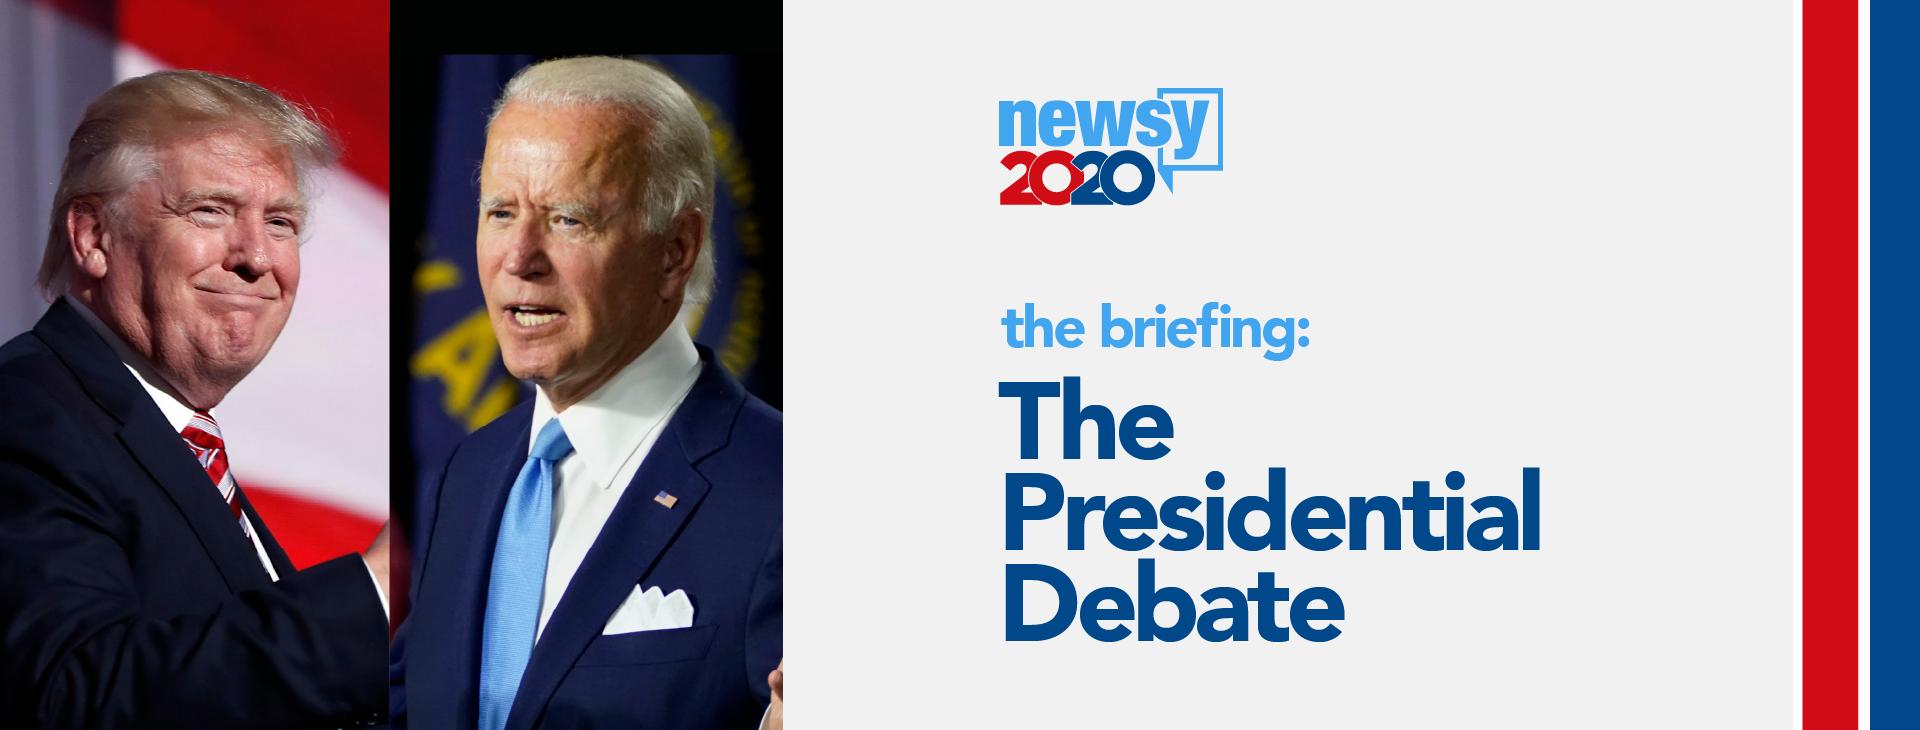 The Briefing: The Presidential Debate